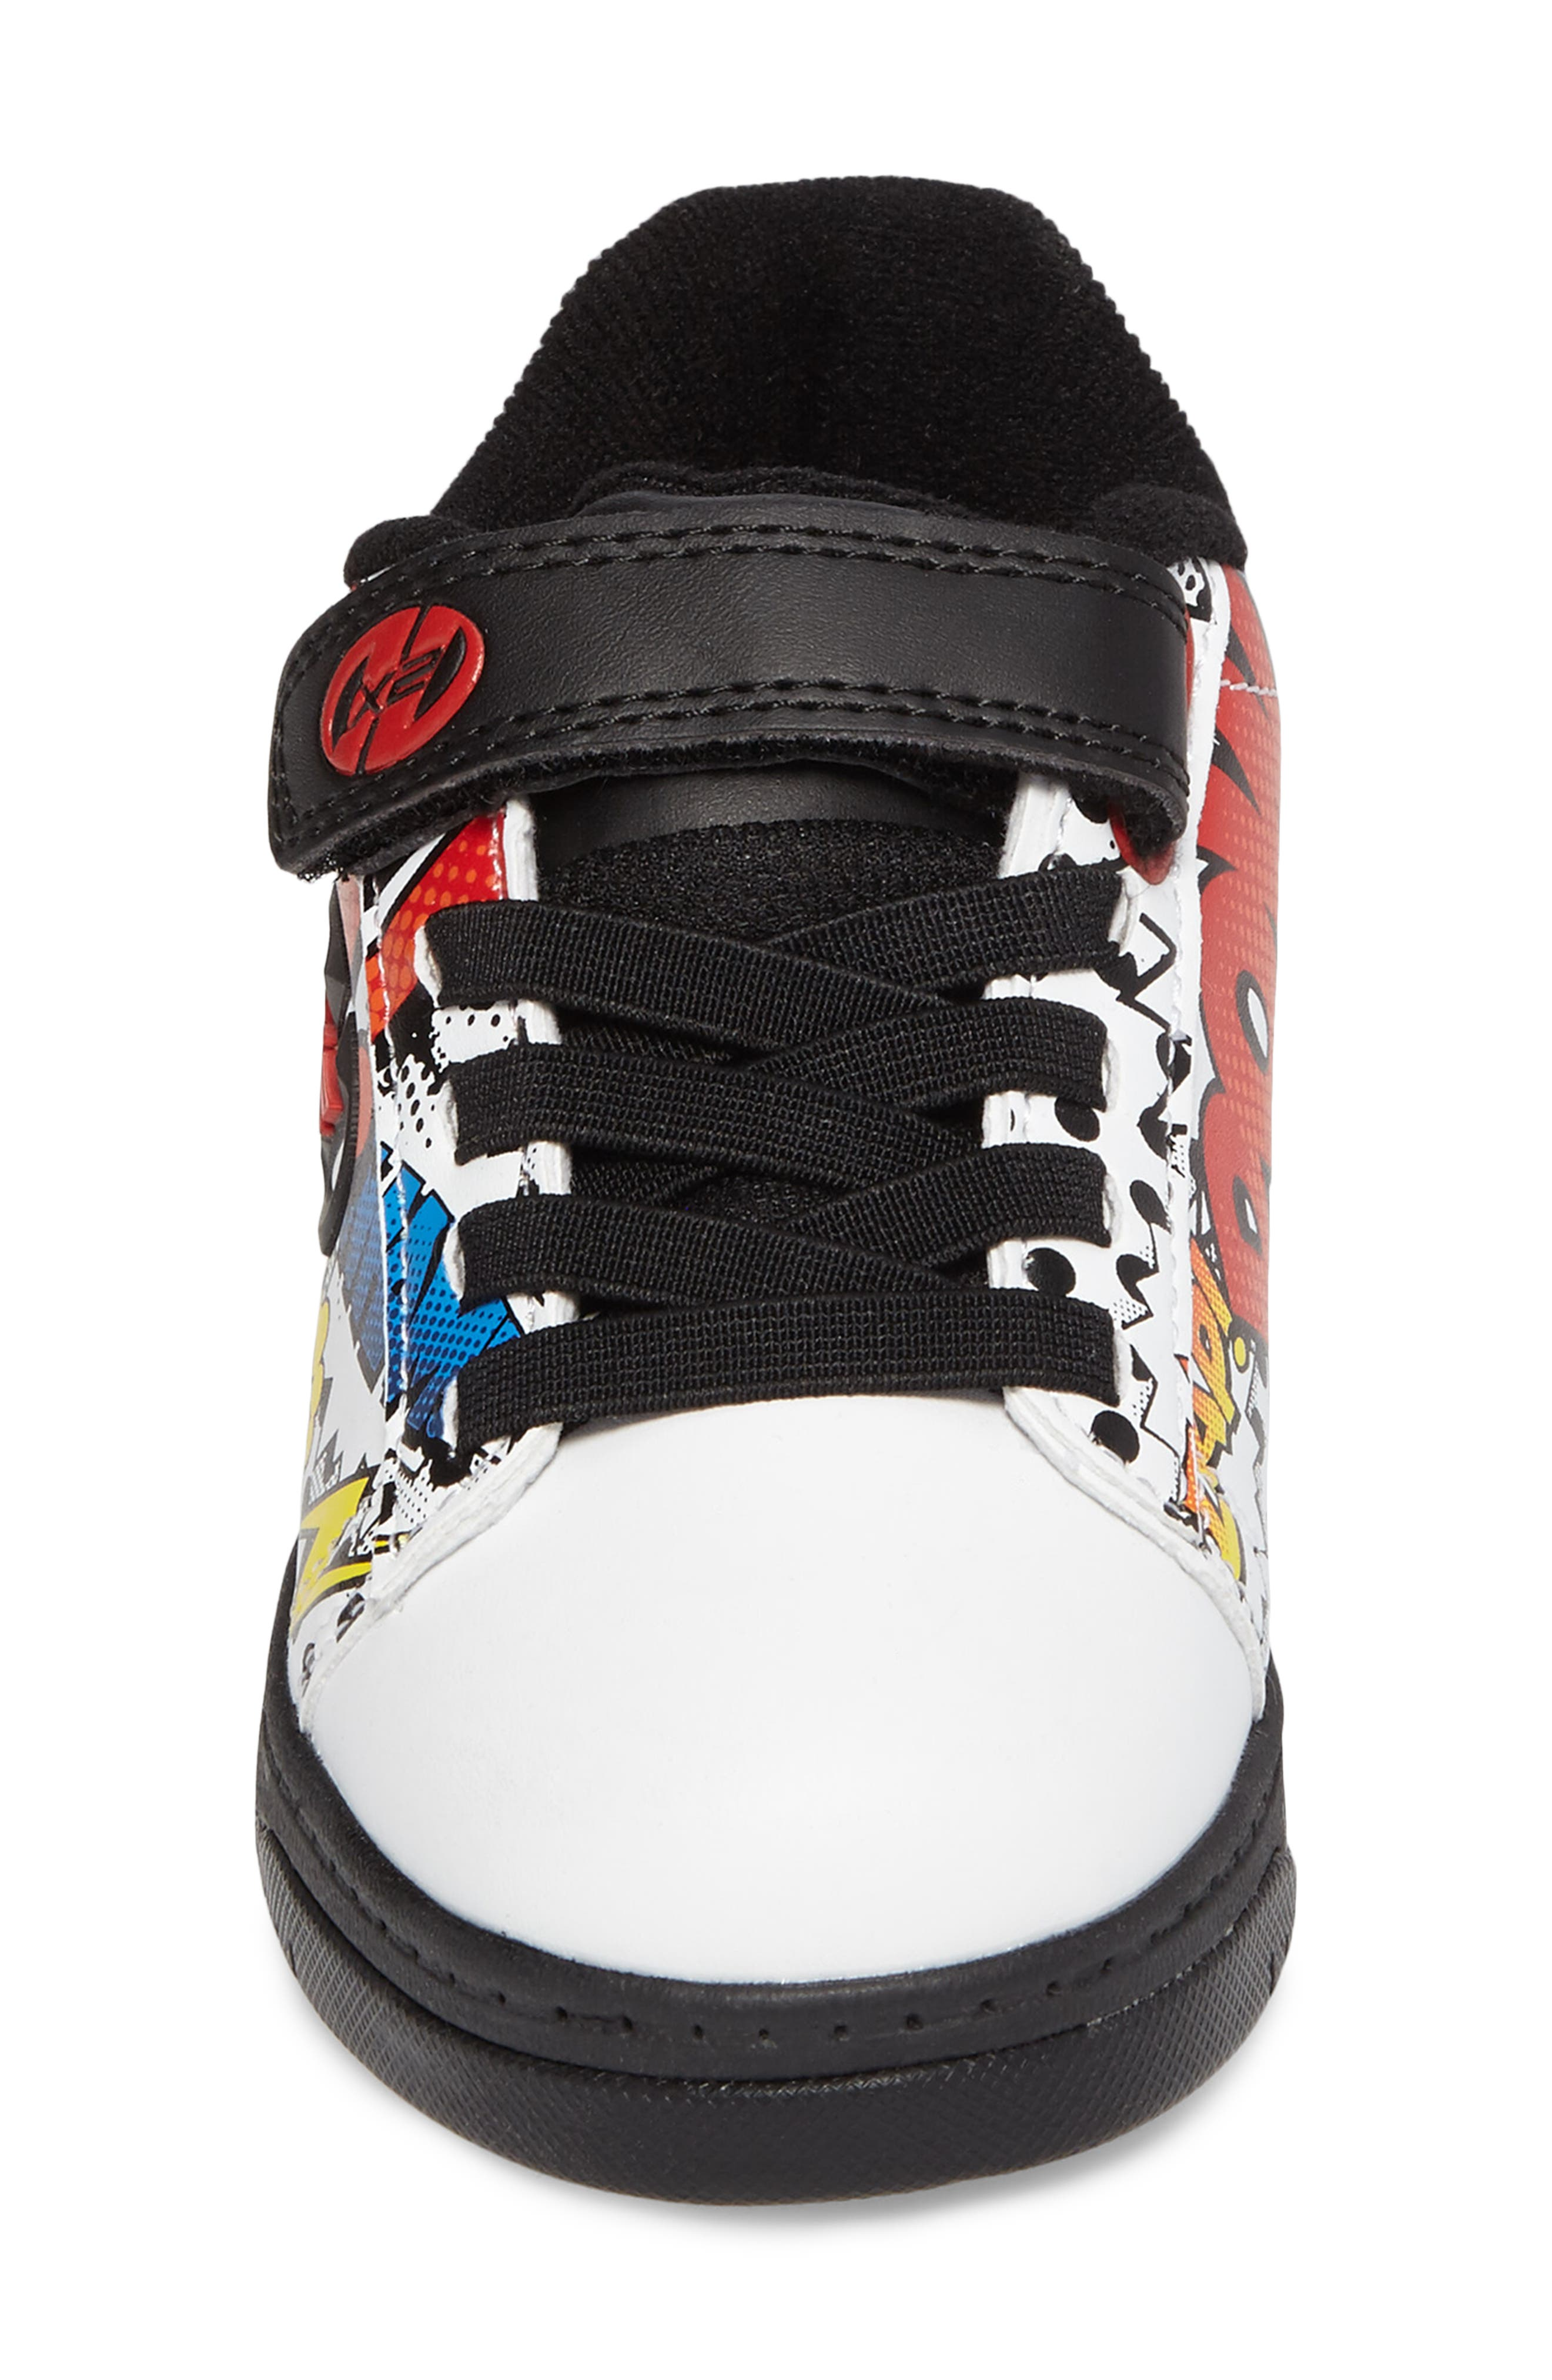 Dual Up X2 Comic Sneaker,                             Alternate thumbnail 4, color,                             WHITE/ BLACK/ MULTI COMIC